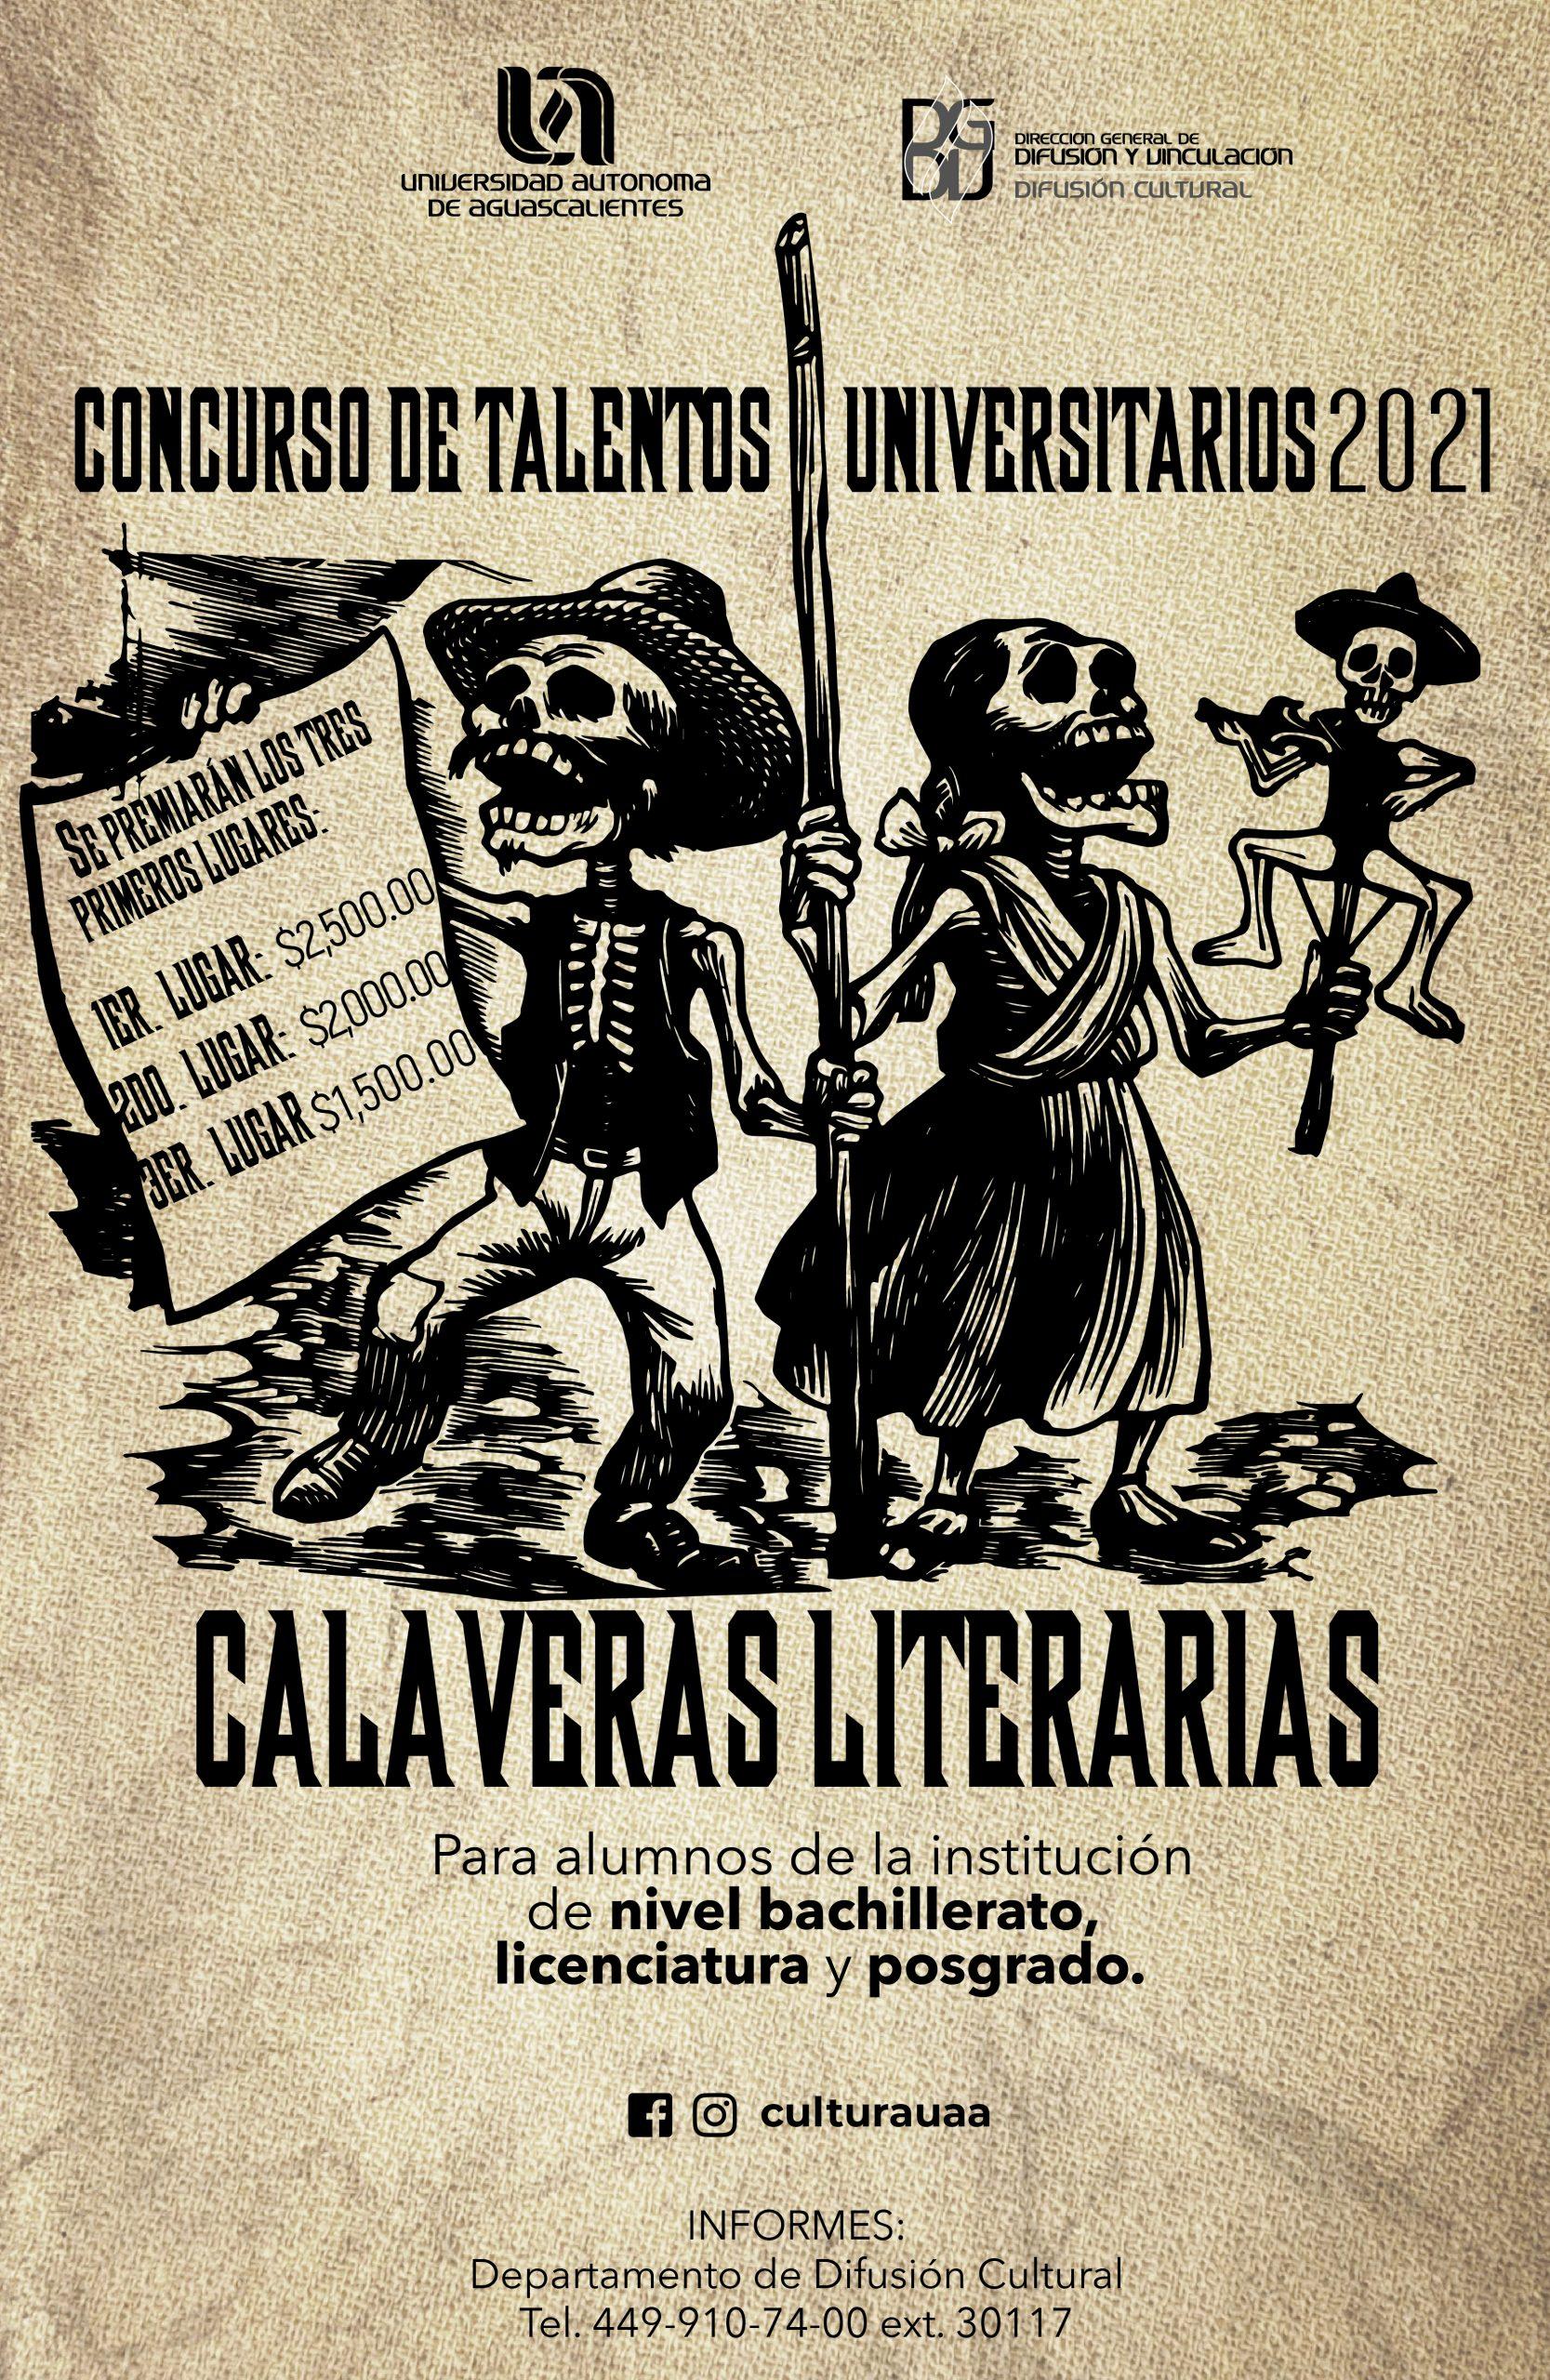 Talentos Universitarios Calaveras Literarias